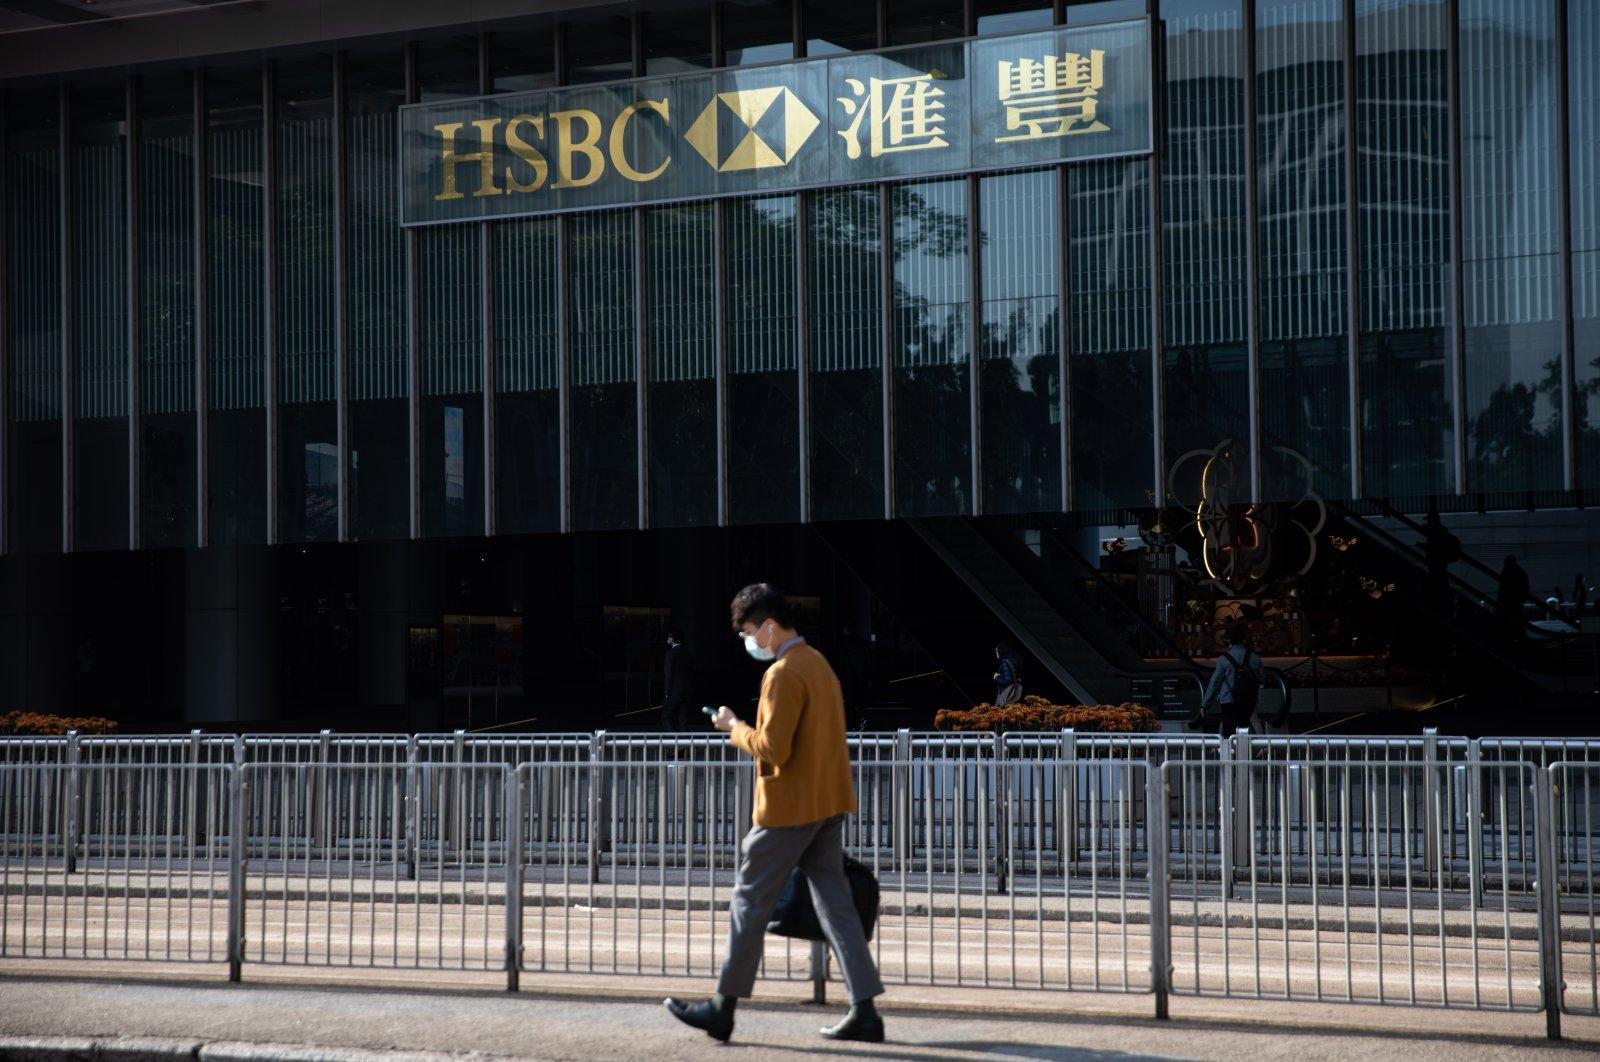 A man walks past the Hong Kong and Shanghai Banking Corporation, (HSBC), headquarters building in Hong Kong, China, Feb. 23, 2021. (EPA Photo)